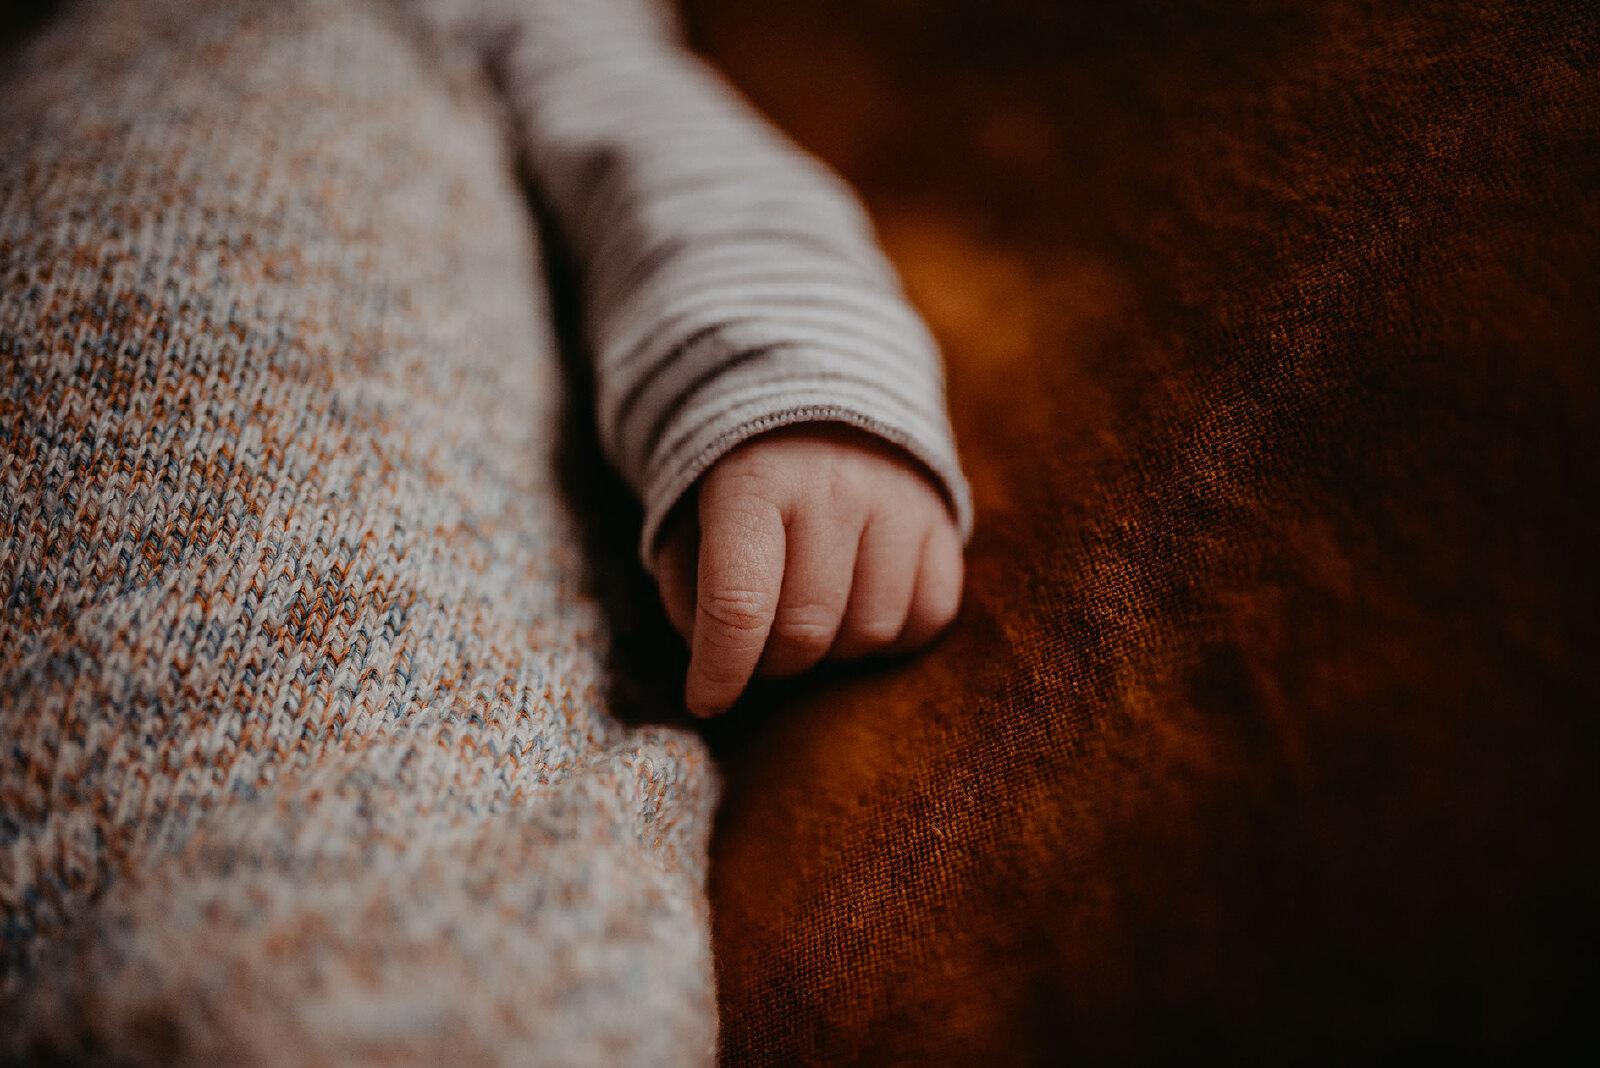 newborn details handen